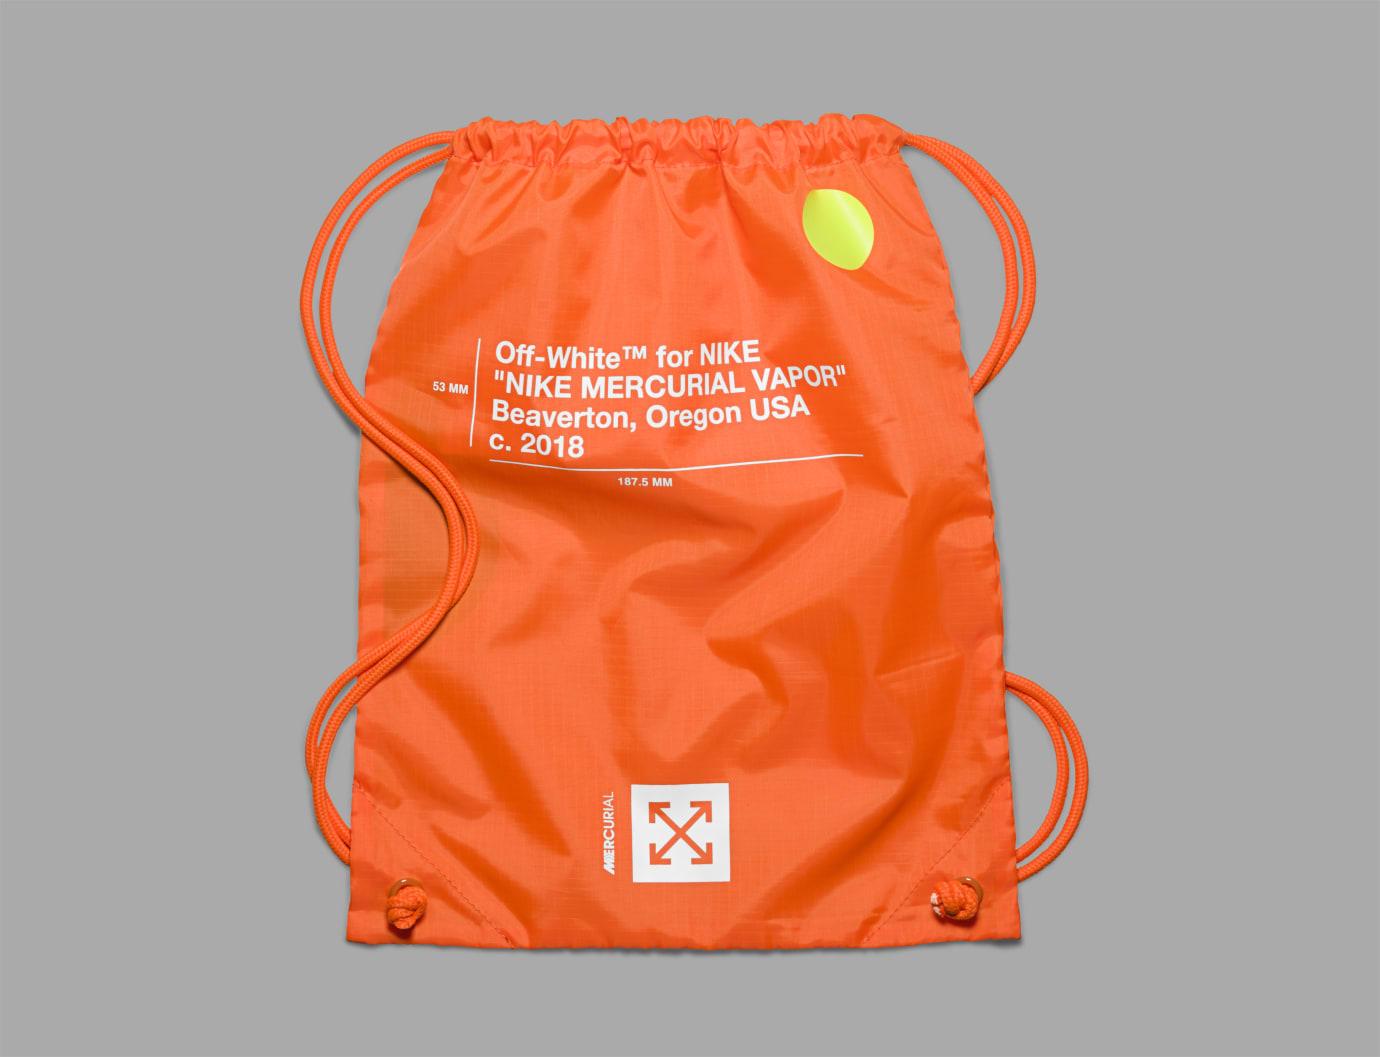 2d2e259469b5a Image via Nike Off-White x Nike Mercurial Vapor 360 (Bag)